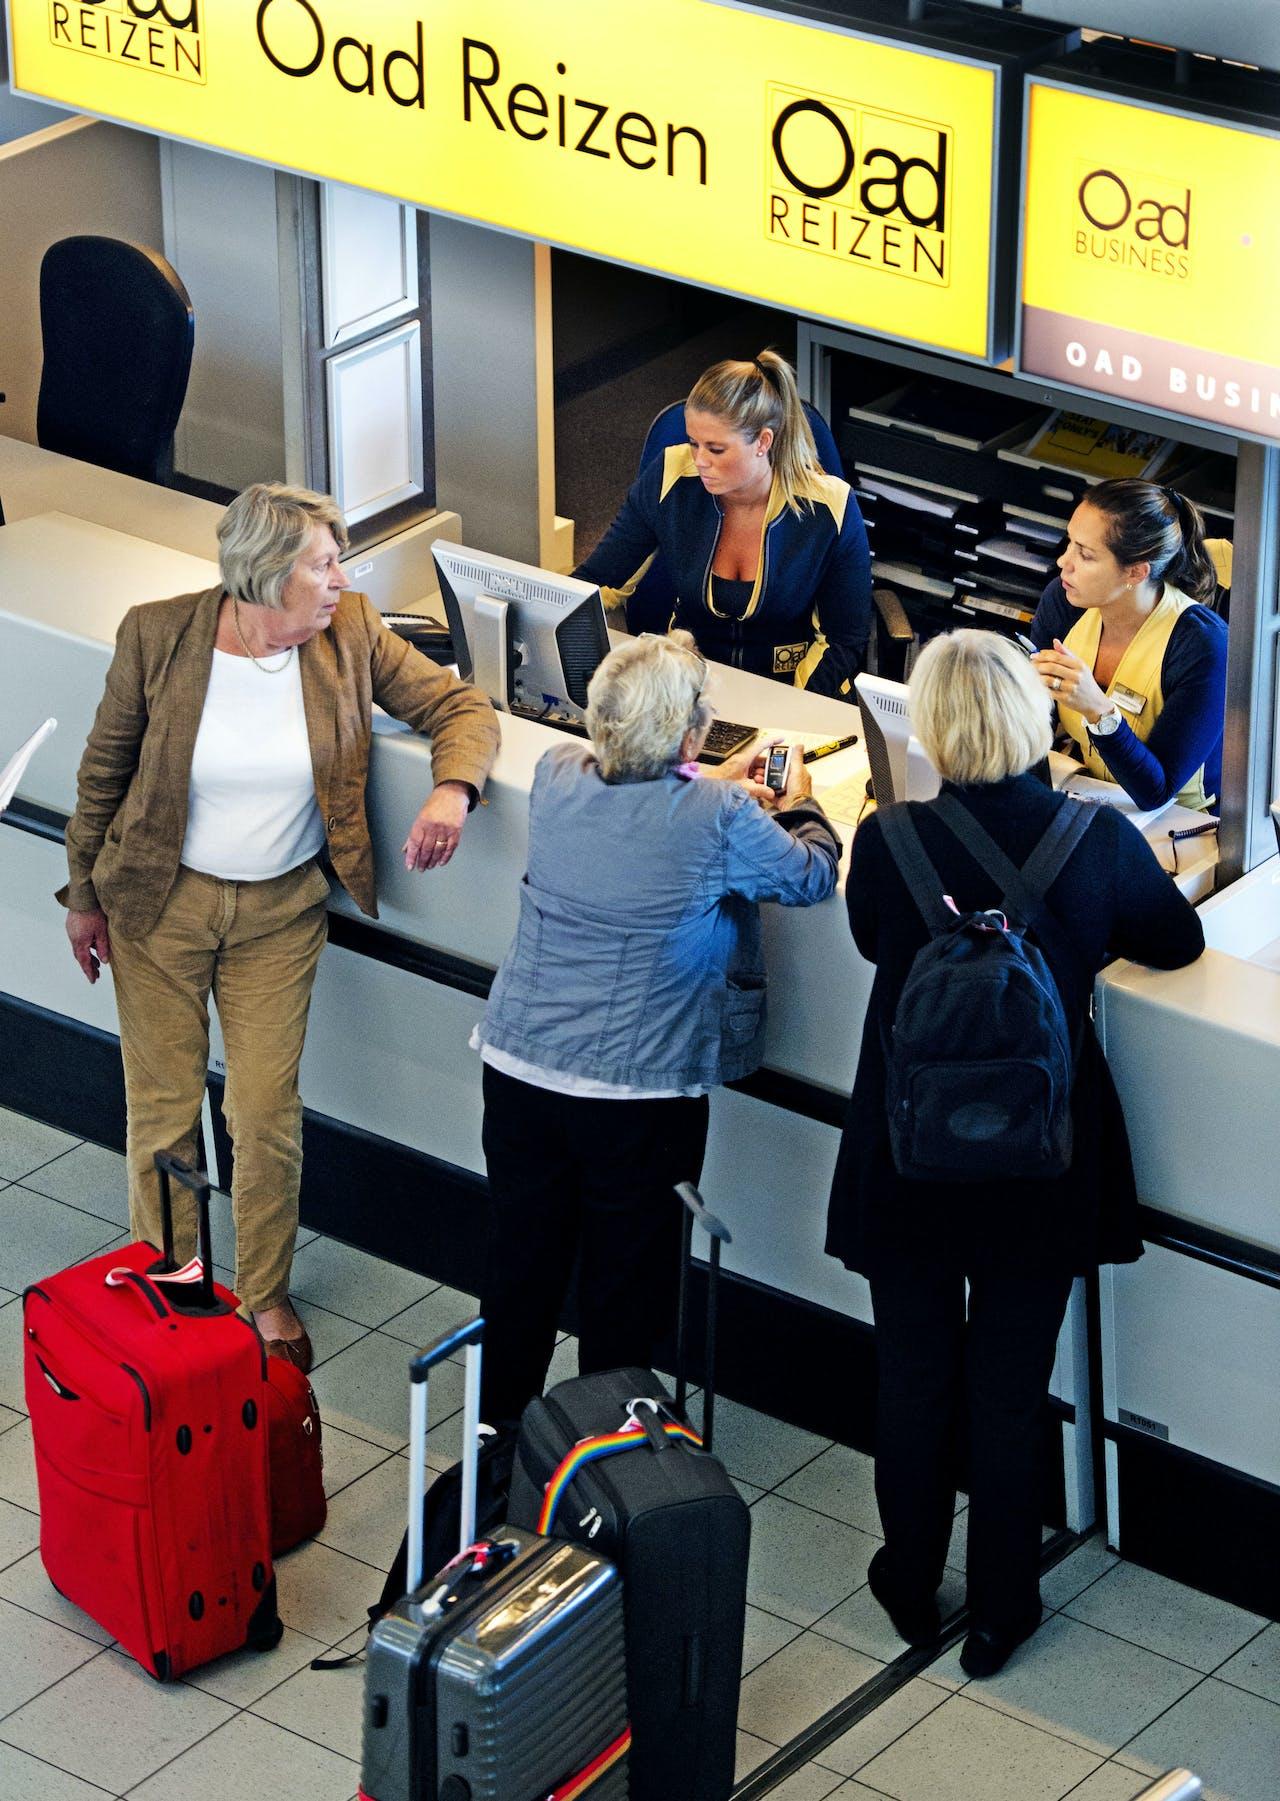 Reizigers informeren bij de Oad-balie op Schiphol. De reis die zij boekten naar Turkije bij Oad, gaat door.